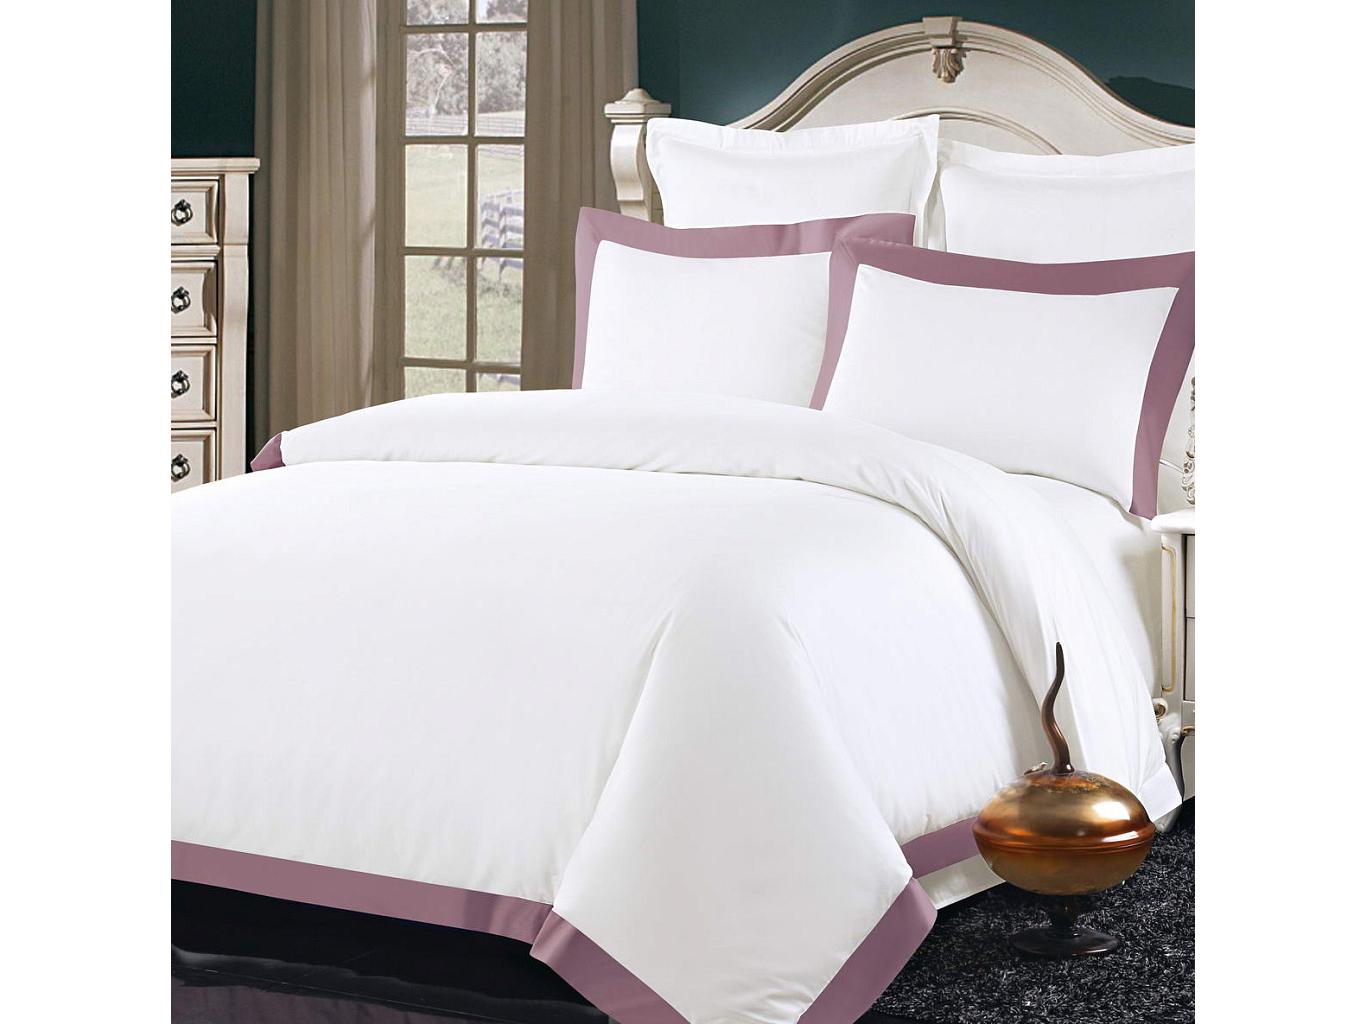 Комплект постельного белья МортеллоДвуспальные комплекты постельного белья<br>&amp;lt;div&amp;gt;Великолепный белоснежный комплект из хлопка станет настоящим украшением для Вашей спальни. Наволочки с декоративными &amp;quot;ушками&amp;quot; пастельных цветов смотрятся необыкновенно стильно. Хлопковая нить сплетается определенным способом, это позволяет получить высокую плотность ткани, не теряя при этом мягкости.Комплектация:&amp;amp;nbsp;&amp;lt;/div&amp;gt;&amp;lt;div&amp;gt;&amp;lt;br&amp;gt;&amp;lt;/div&amp;gt;&amp;lt;div&amp;gt;В комплект входят:&amp;lt;/div&amp;gt;&amp;lt;div&amp;gt;Пододеяльник: 200х220 см(1 шт.)&amp;lt;/div&amp;gt;&amp;lt;div&amp;gt;Простыня: 230х250 см(1 шт.)&amp;lt;/div&amp;gt;&amp;lt;div&amp;gt;Наволочки: 50х70 см(2 шт.)&amp;lt;/div&amp;gt;&amp;lt;div&amp;gt;Наволочки: 70х70 см(2шт.)&amp;lt;/div&amp;gt;&amp;lt;div&amp;gt;Состав: 100% хлопок&amp;lt;/div&amp;gt;<br><br>Material: Хлопок<br>Ширина см: 230.0<br>Глубина см: 250.0